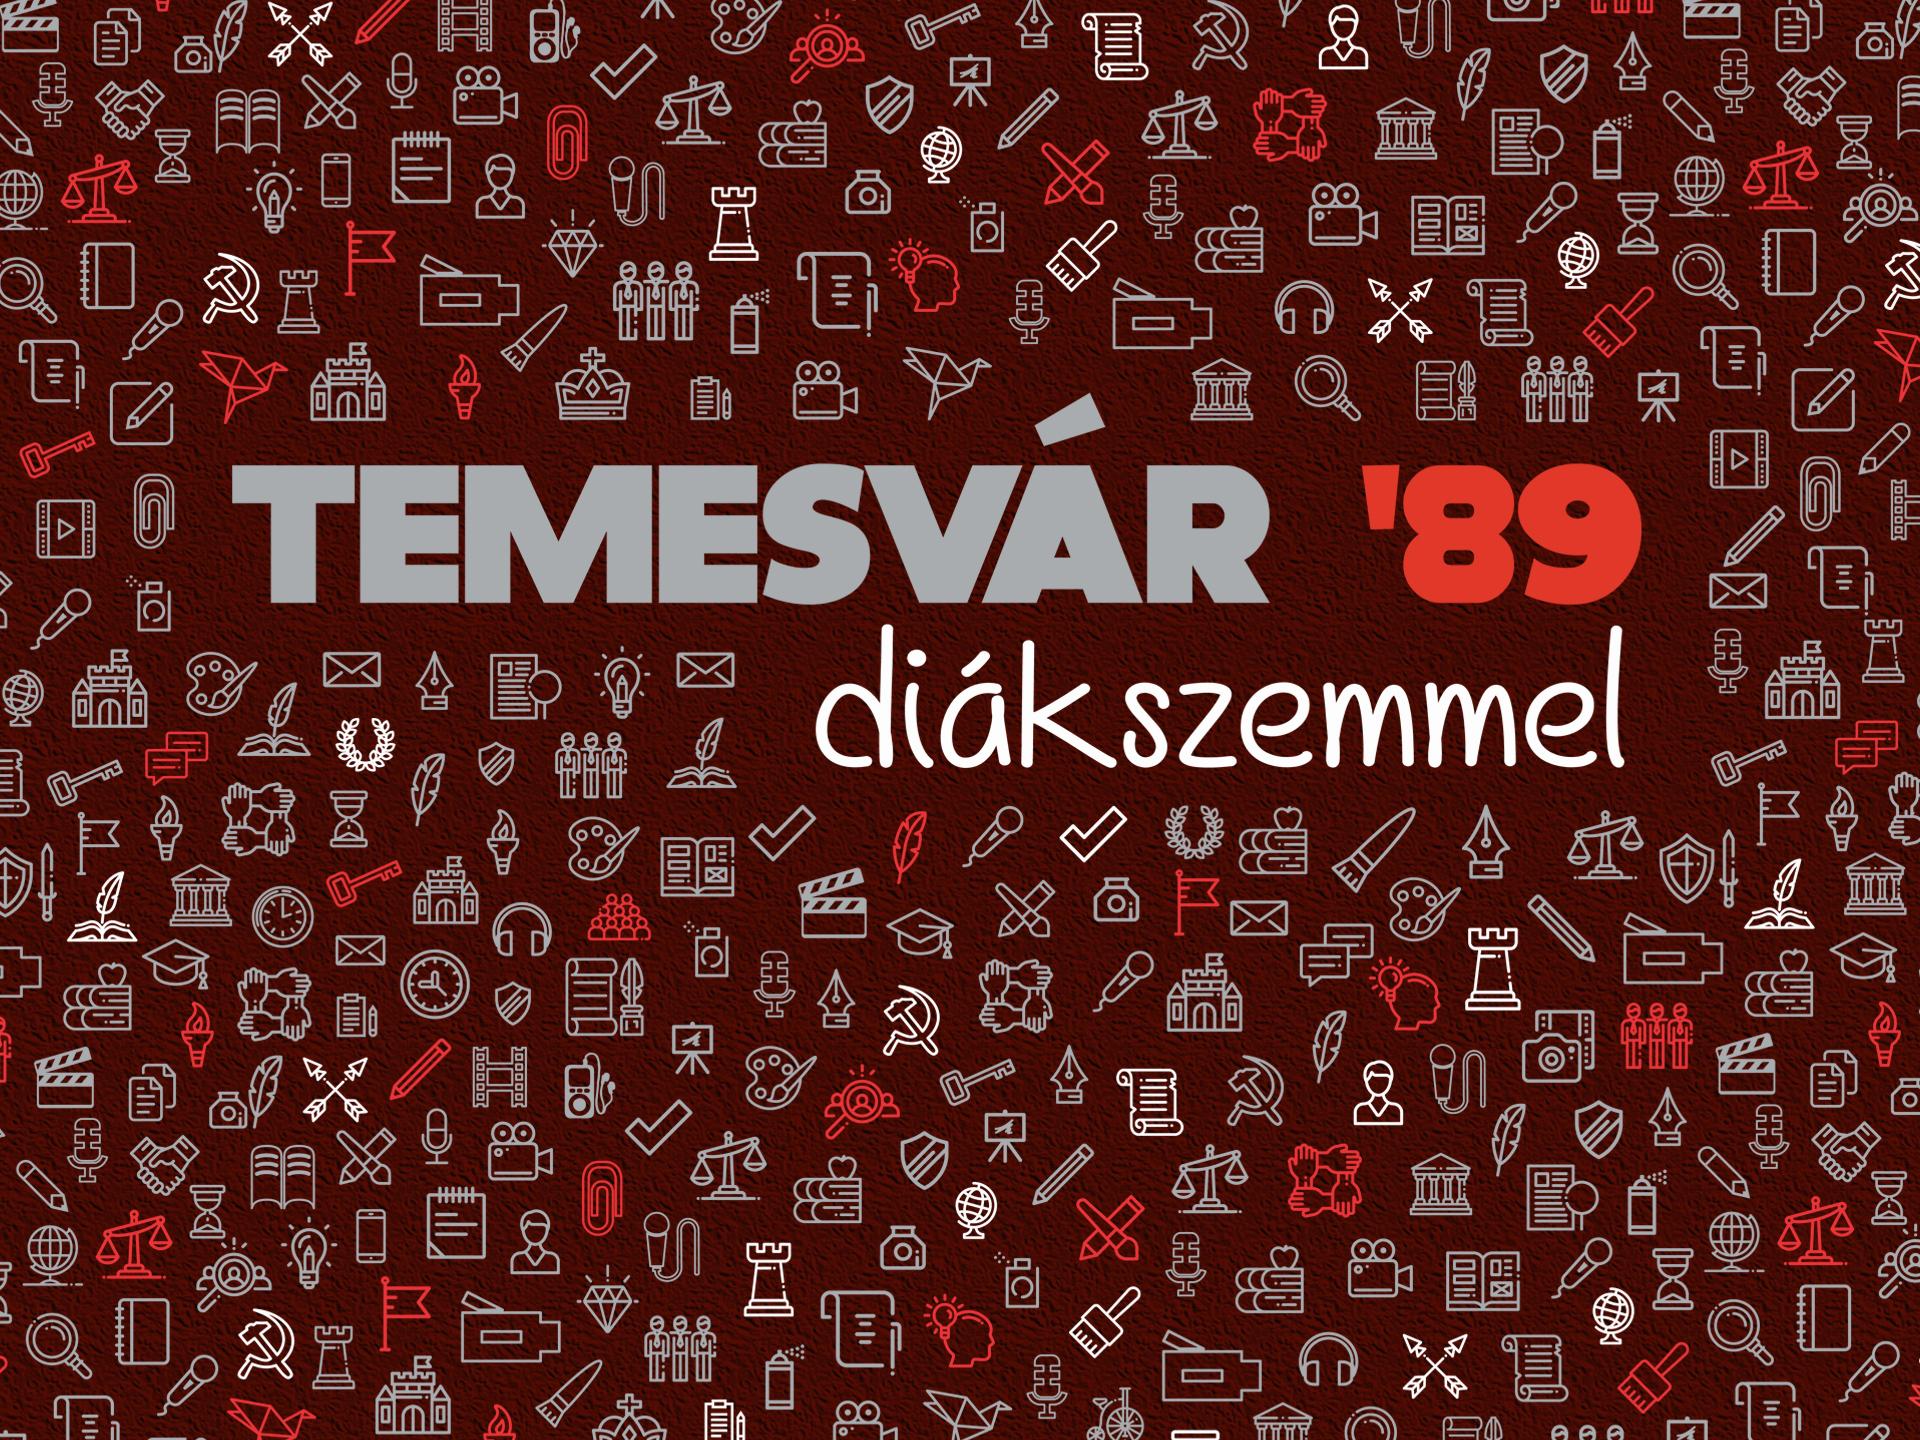 Temesvár '89 diákszemmel   |   irodalom: '89 hősei – mind egyben